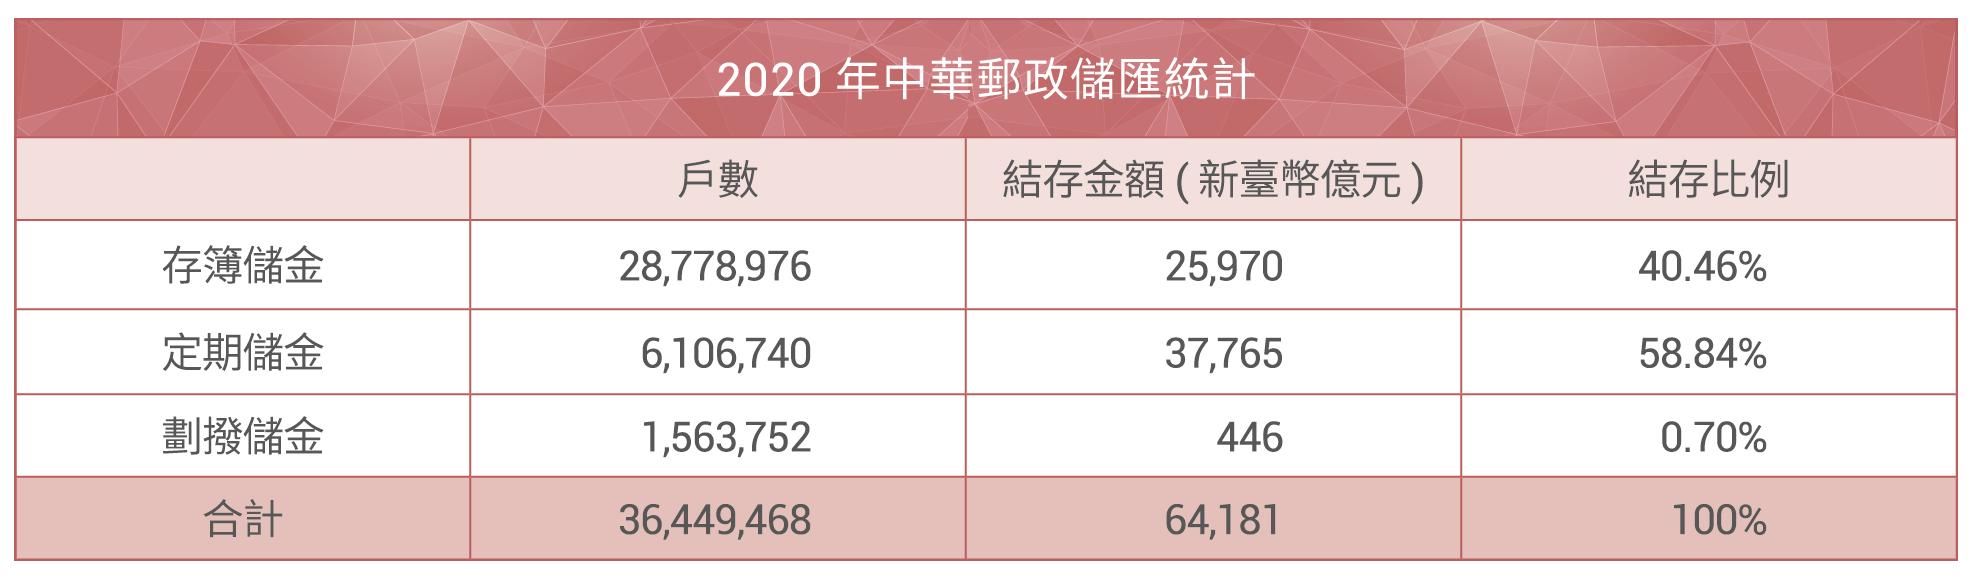 2020儲匯統計